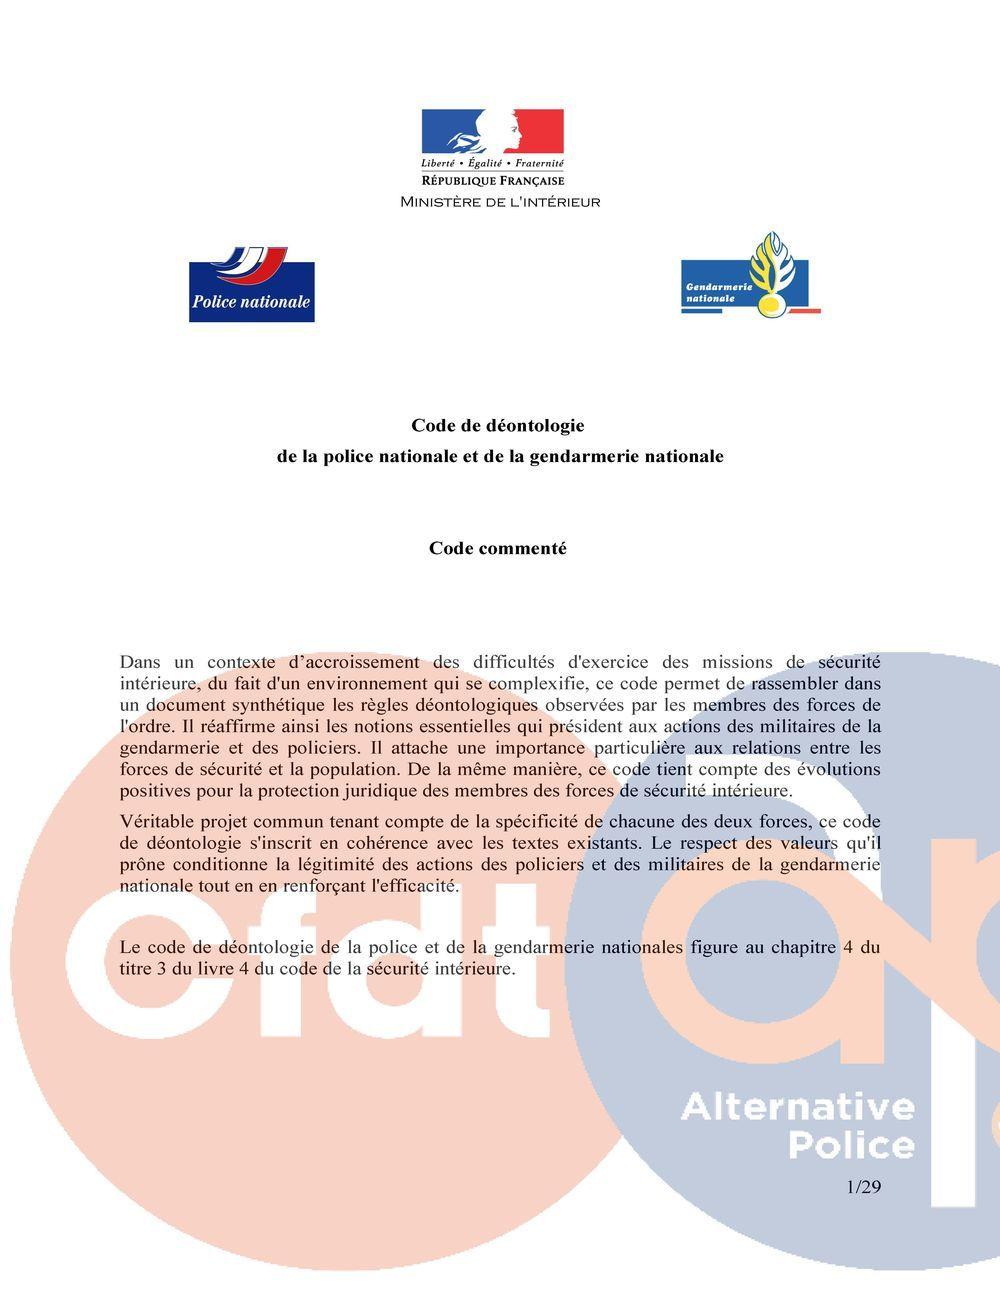 Déontologie de la police nationale et de la gendarmerie nationale